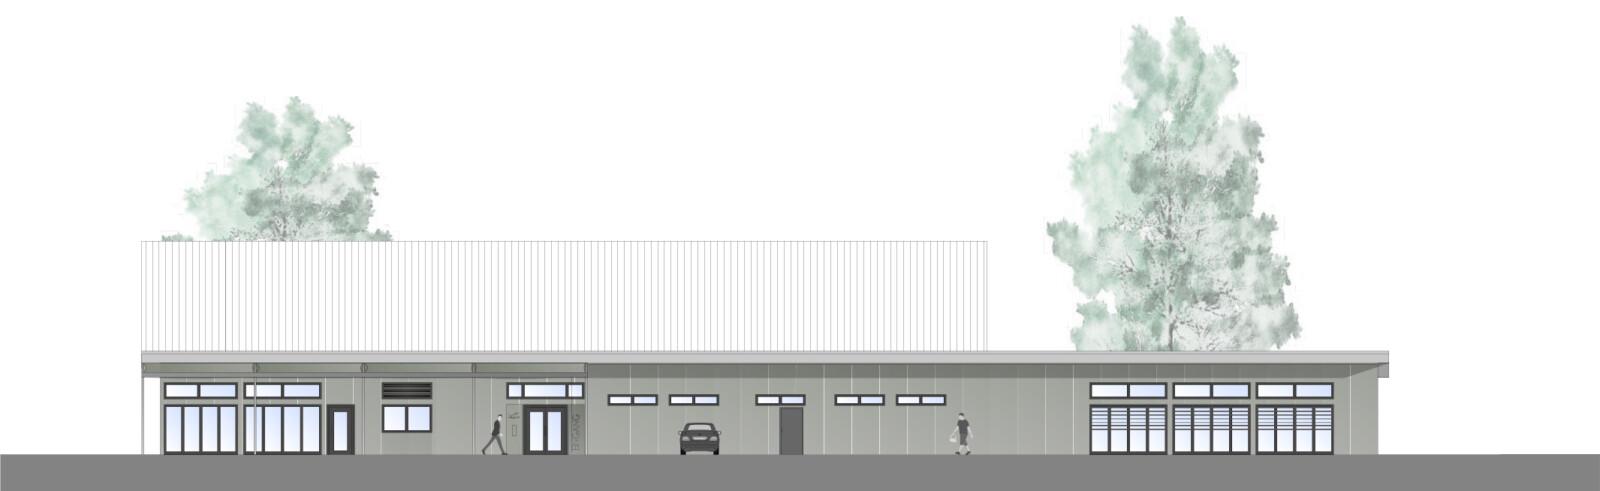 Tennishalle Unna: Entwurf für die Südost-Ansicht